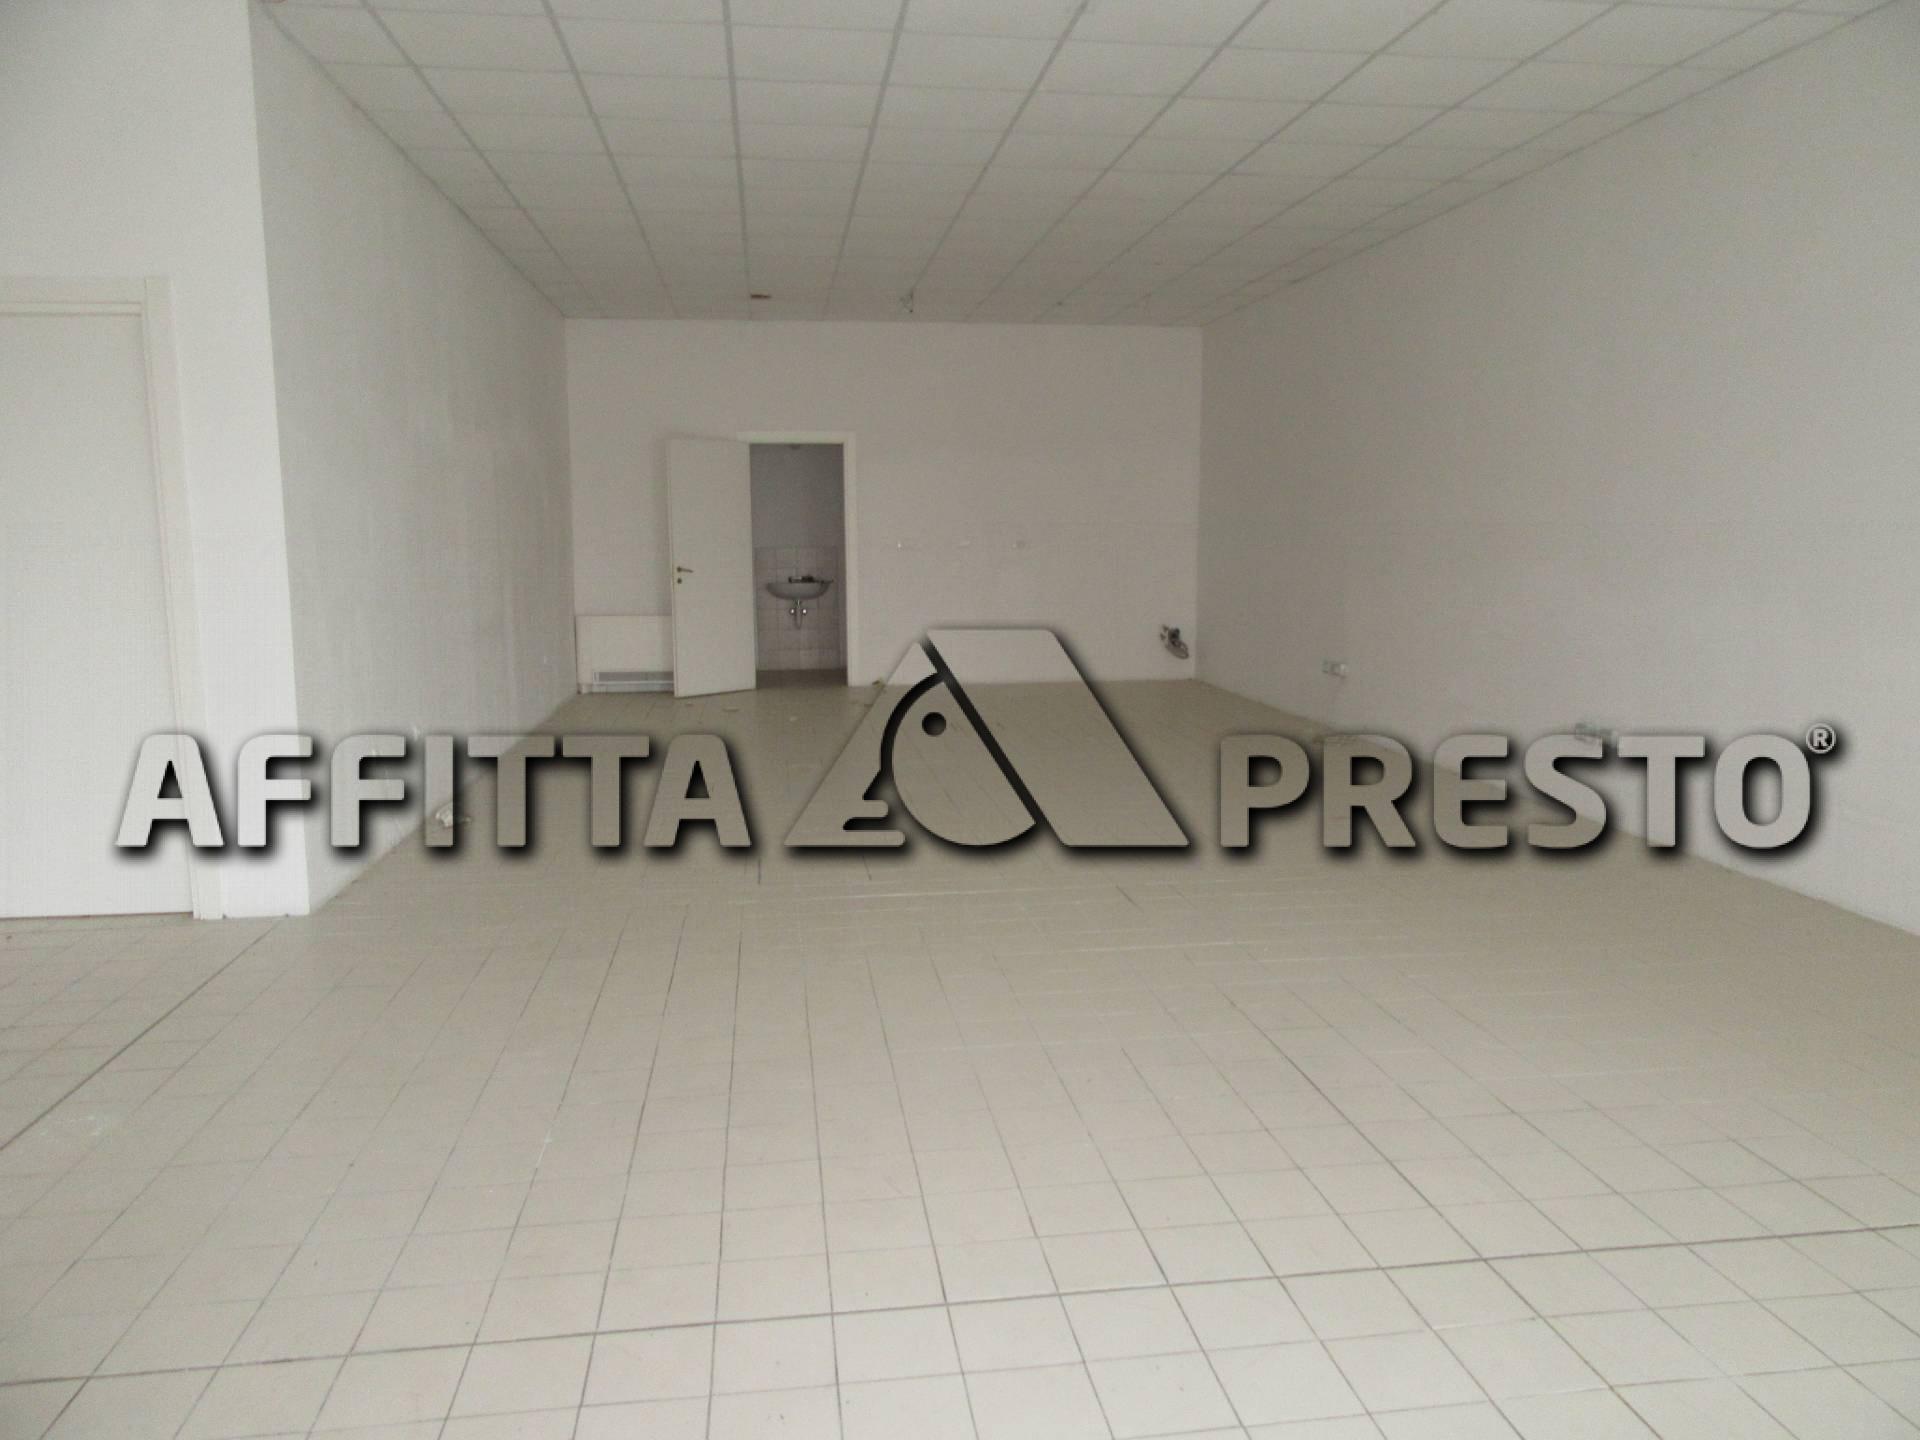 Attività commerciale a Forlì - 01